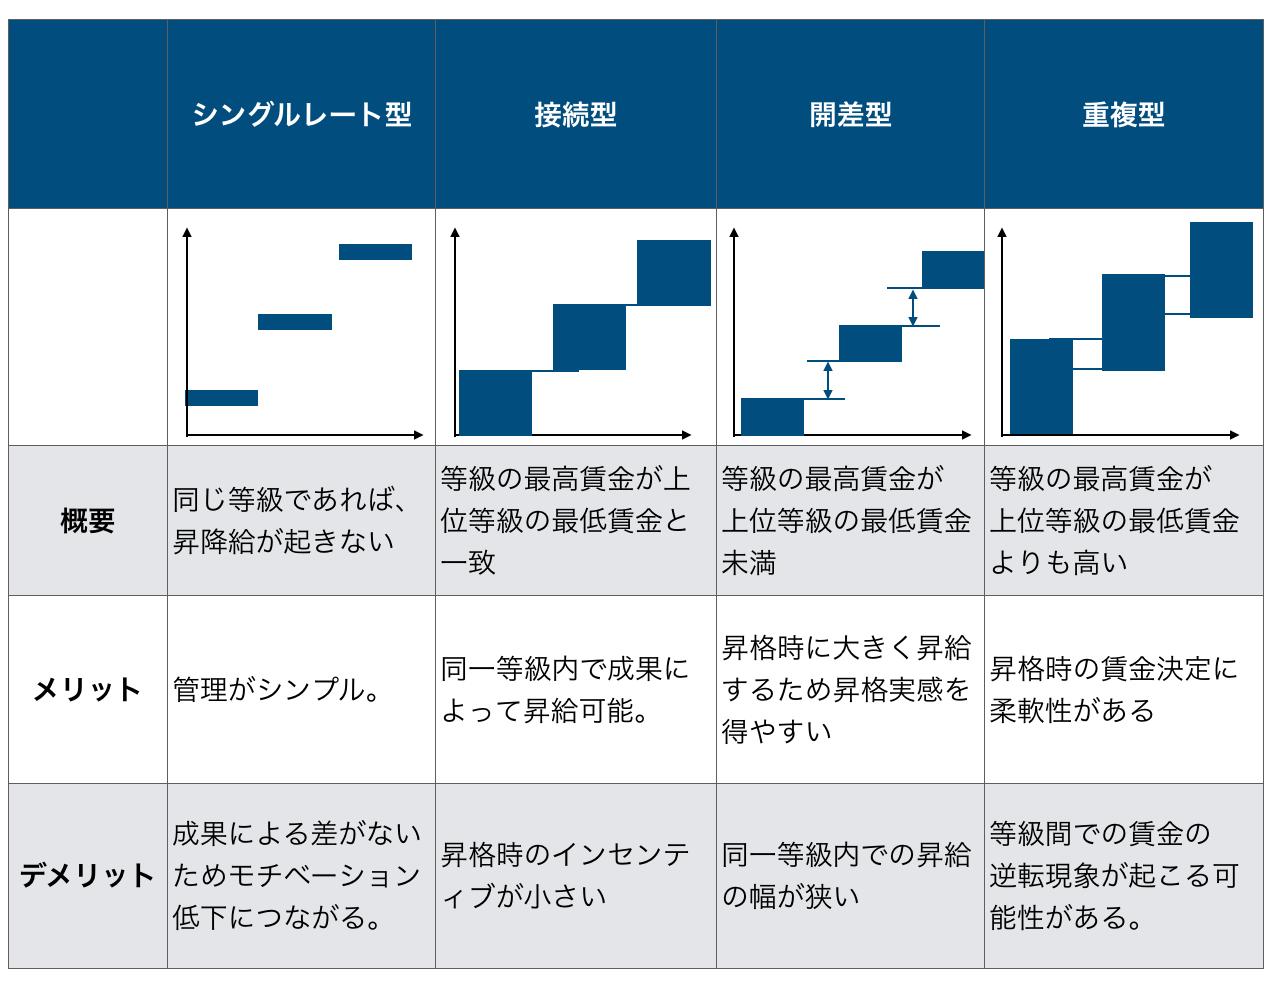 賃金制度の設計、賃金テーブルの種類